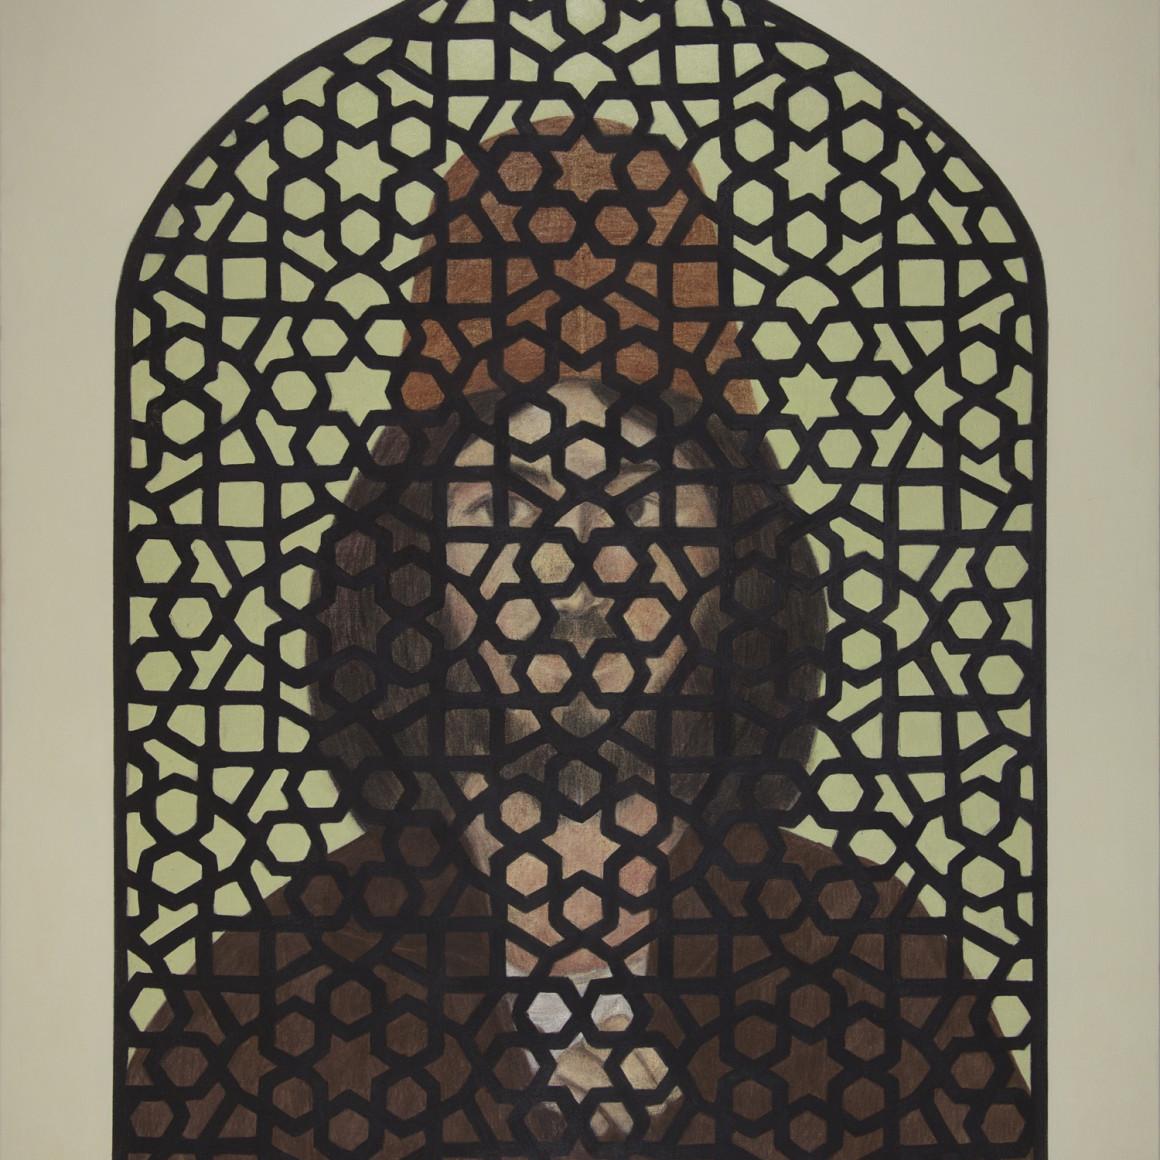 Nazar Yahya, Jail, 2014